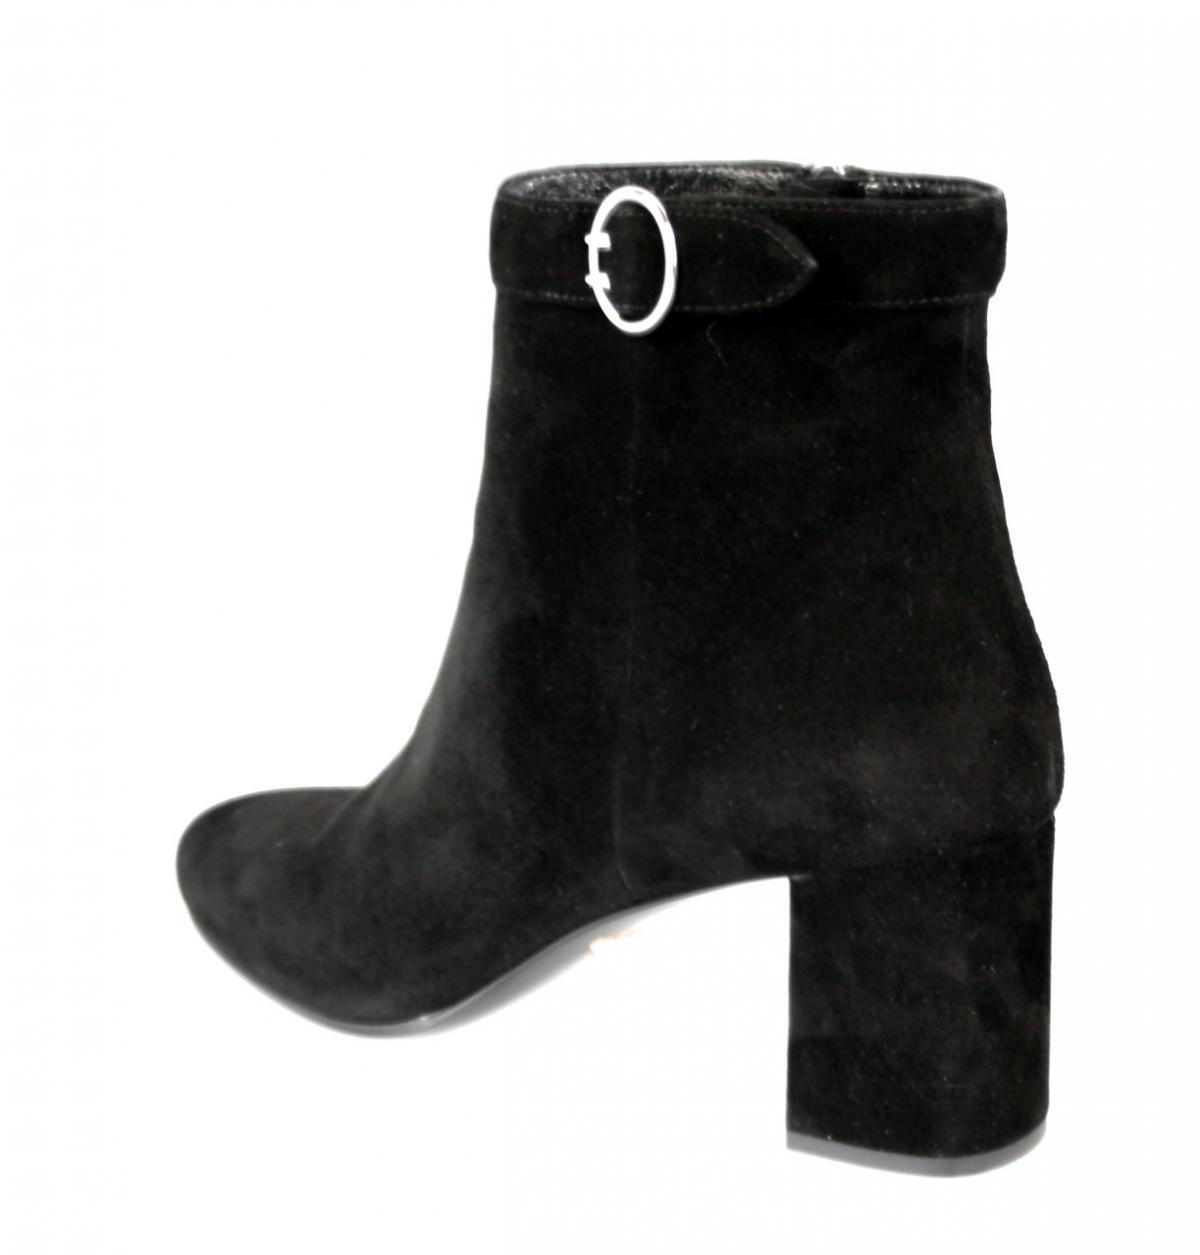 la cheville de luxe prada moitié botte botte botte 1t569e noir nouvelle nib 36 36,5 d2451b